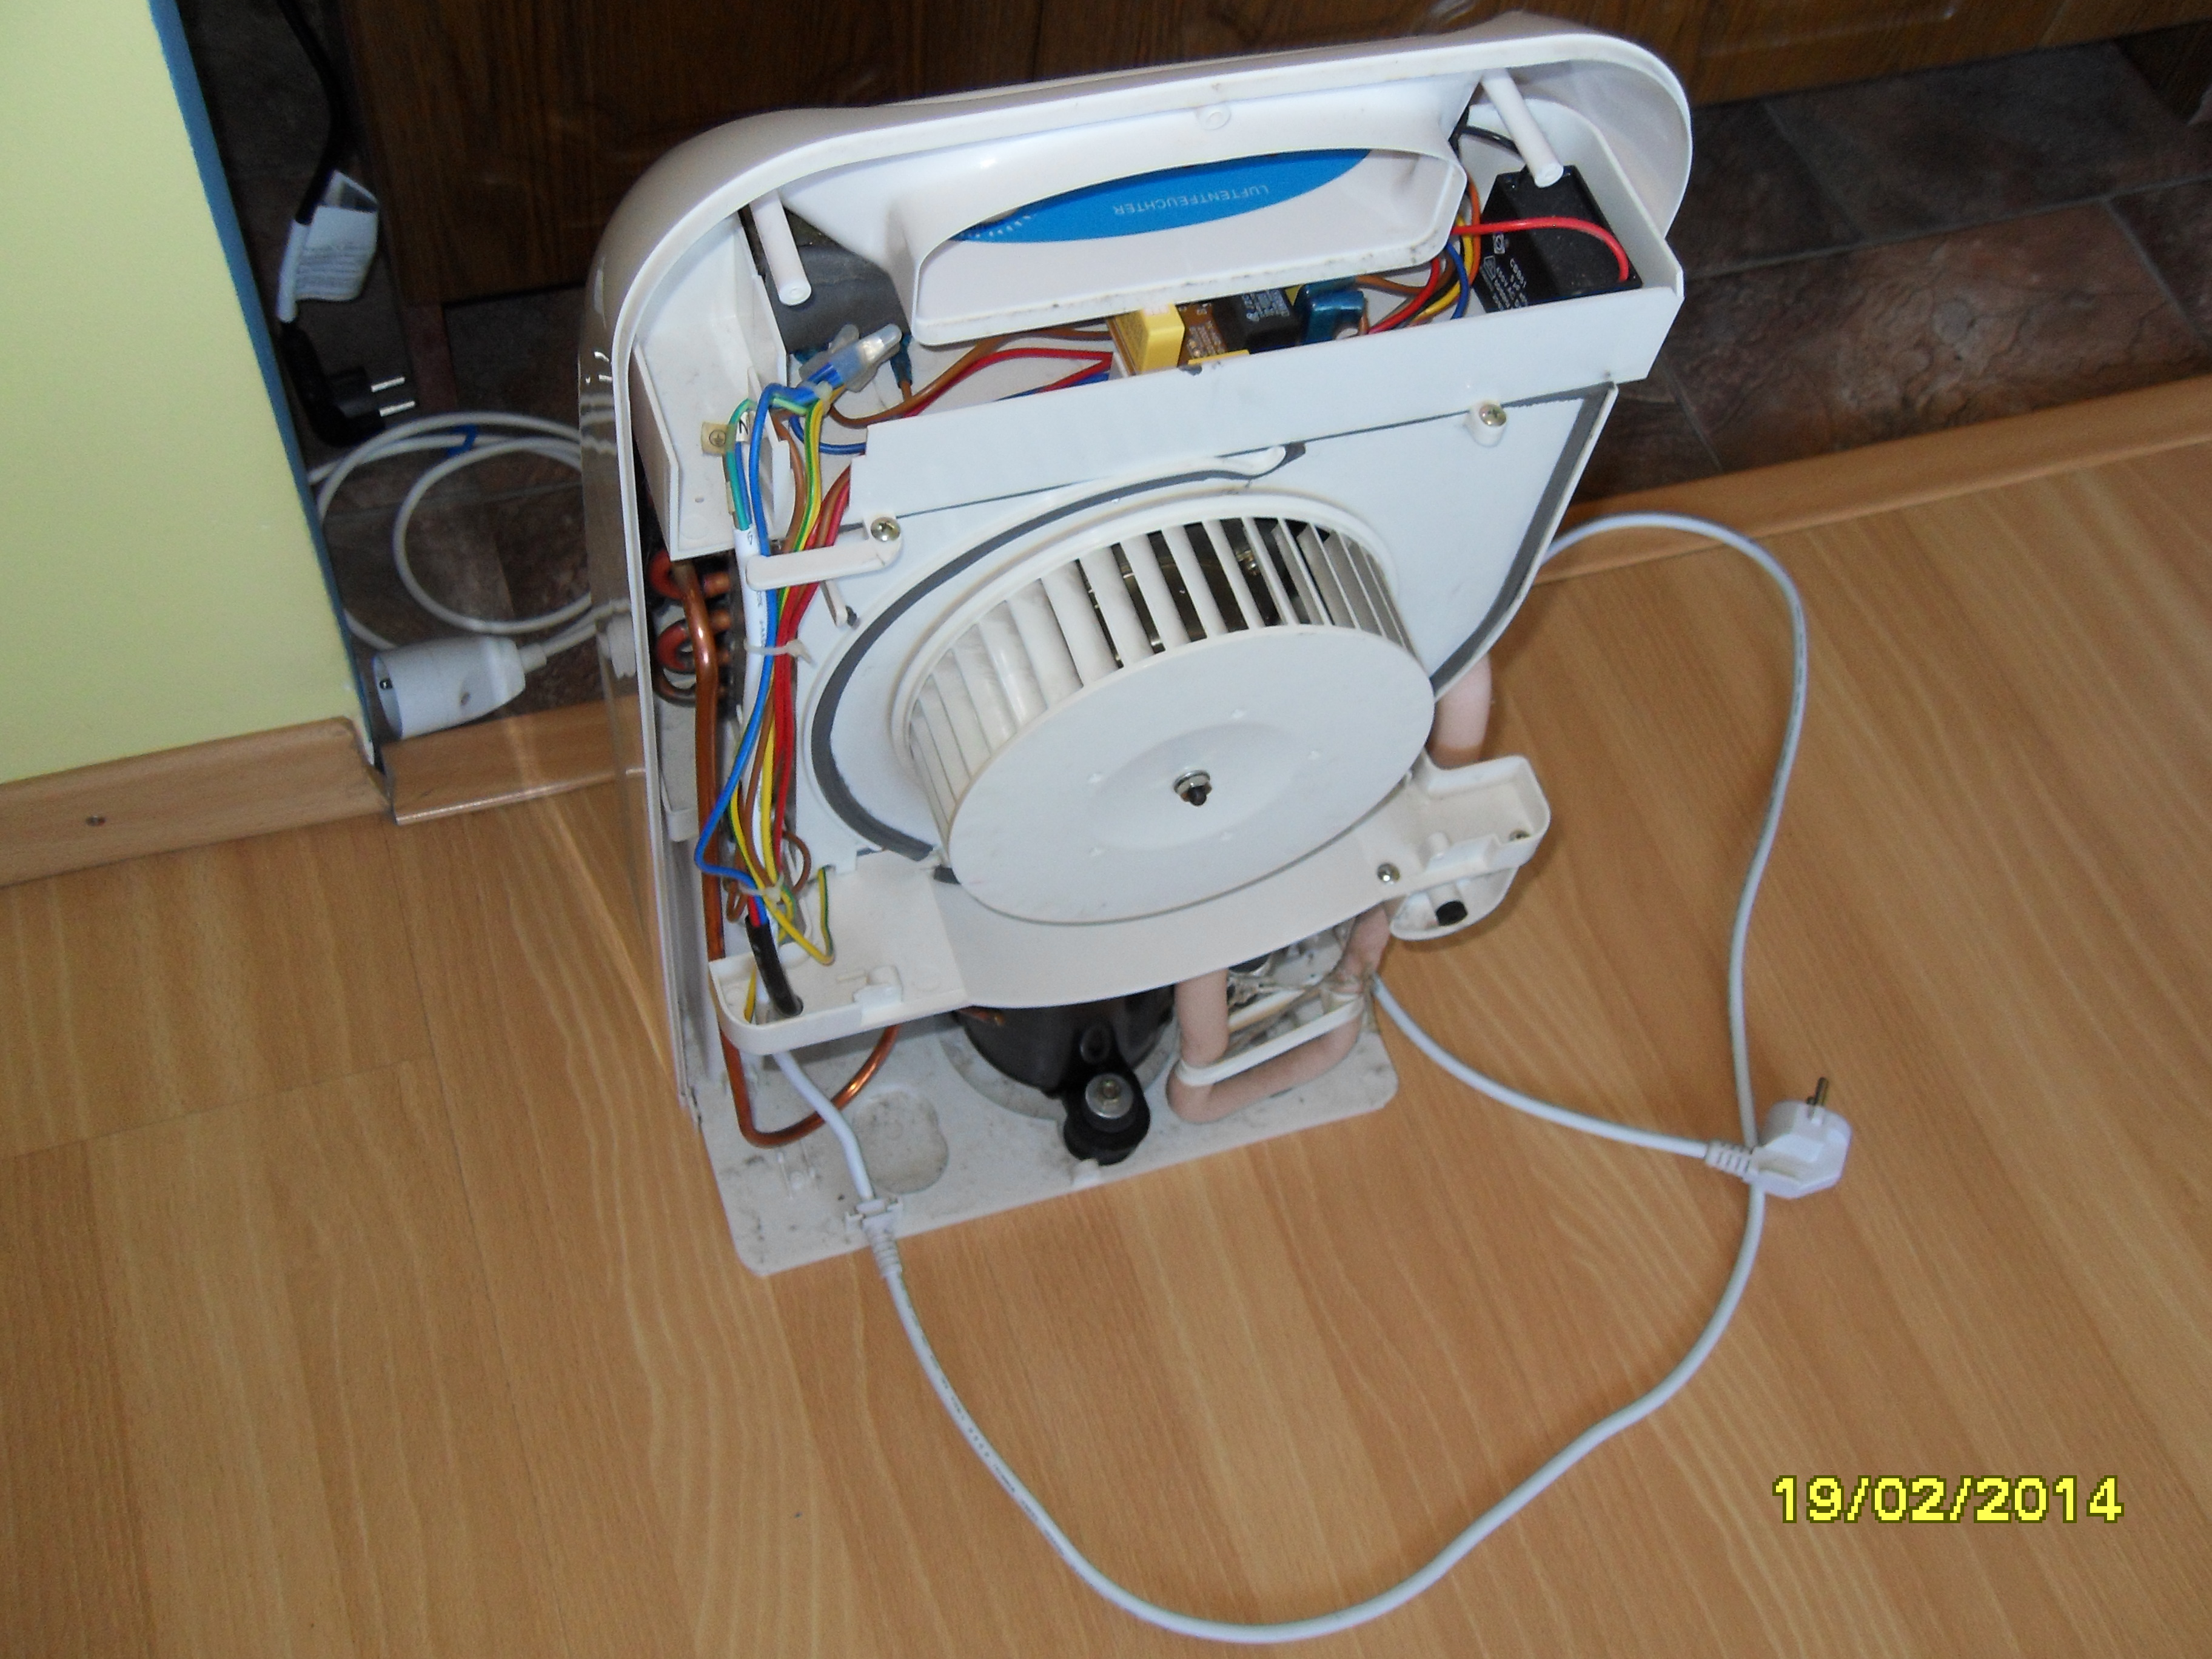 Osuszacz powietrza - agregat buczy ale nie uruchamia si�